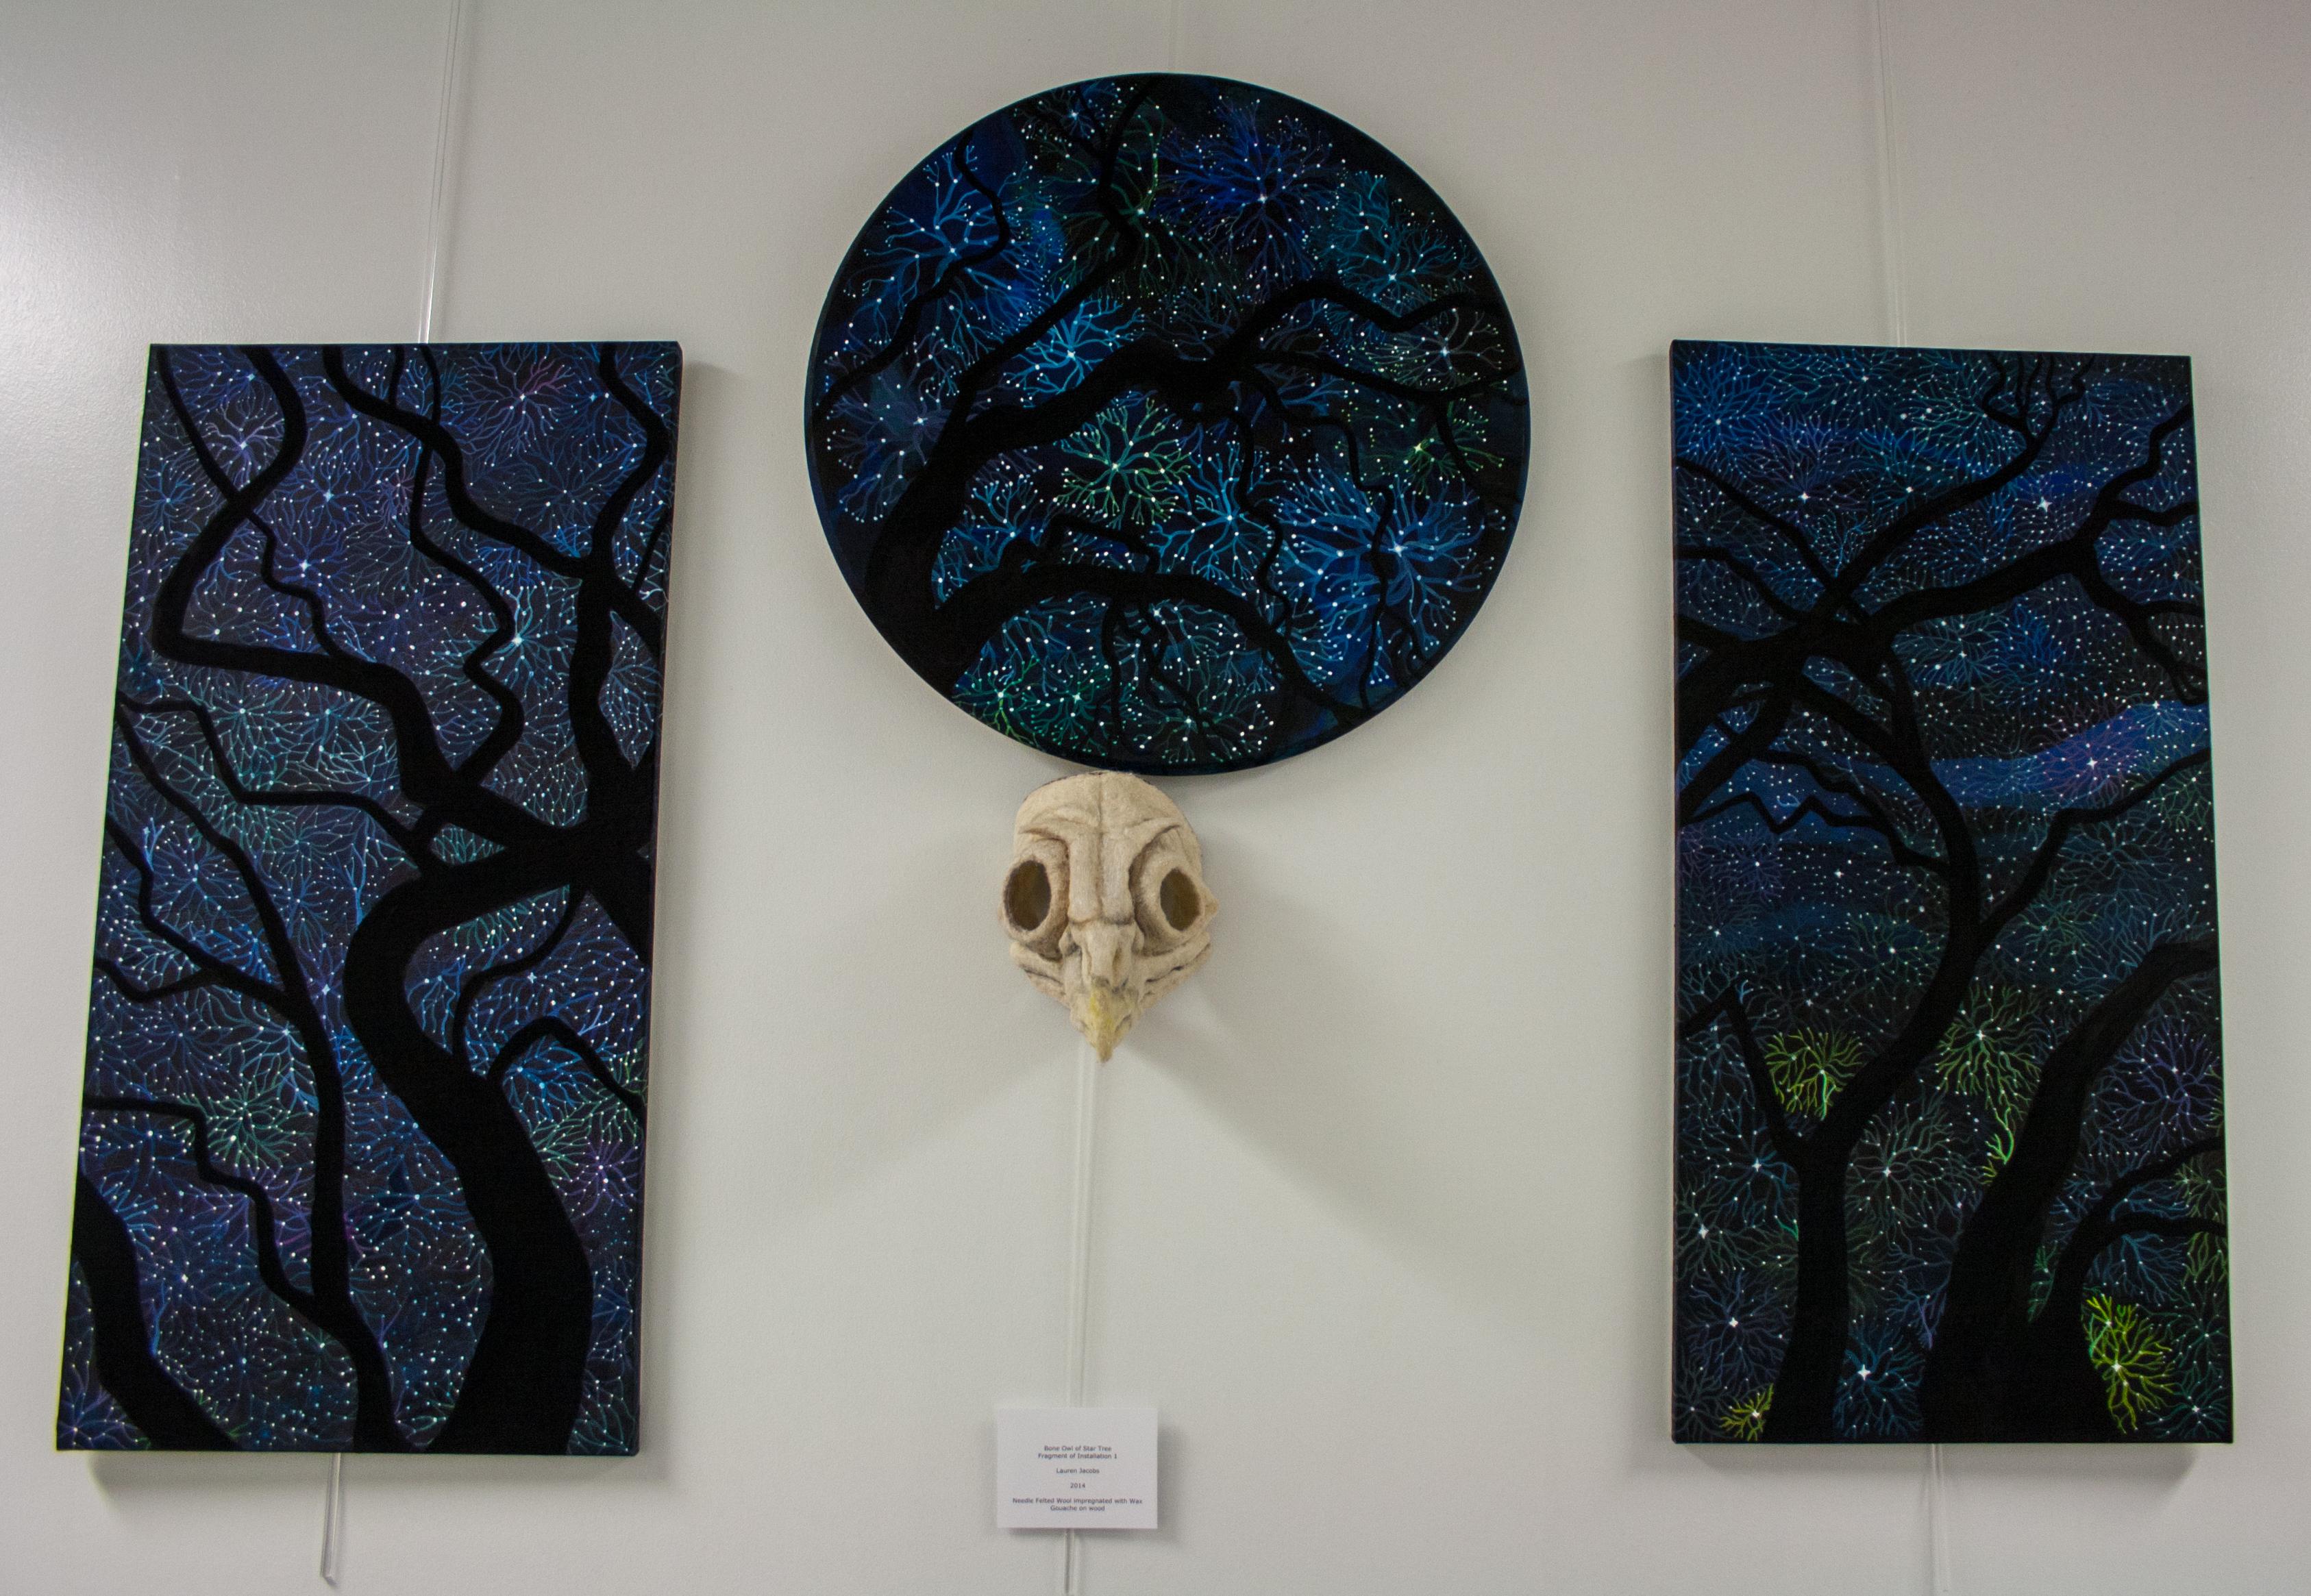 01_Lauren_Jacobs_bone_owl_star_tree